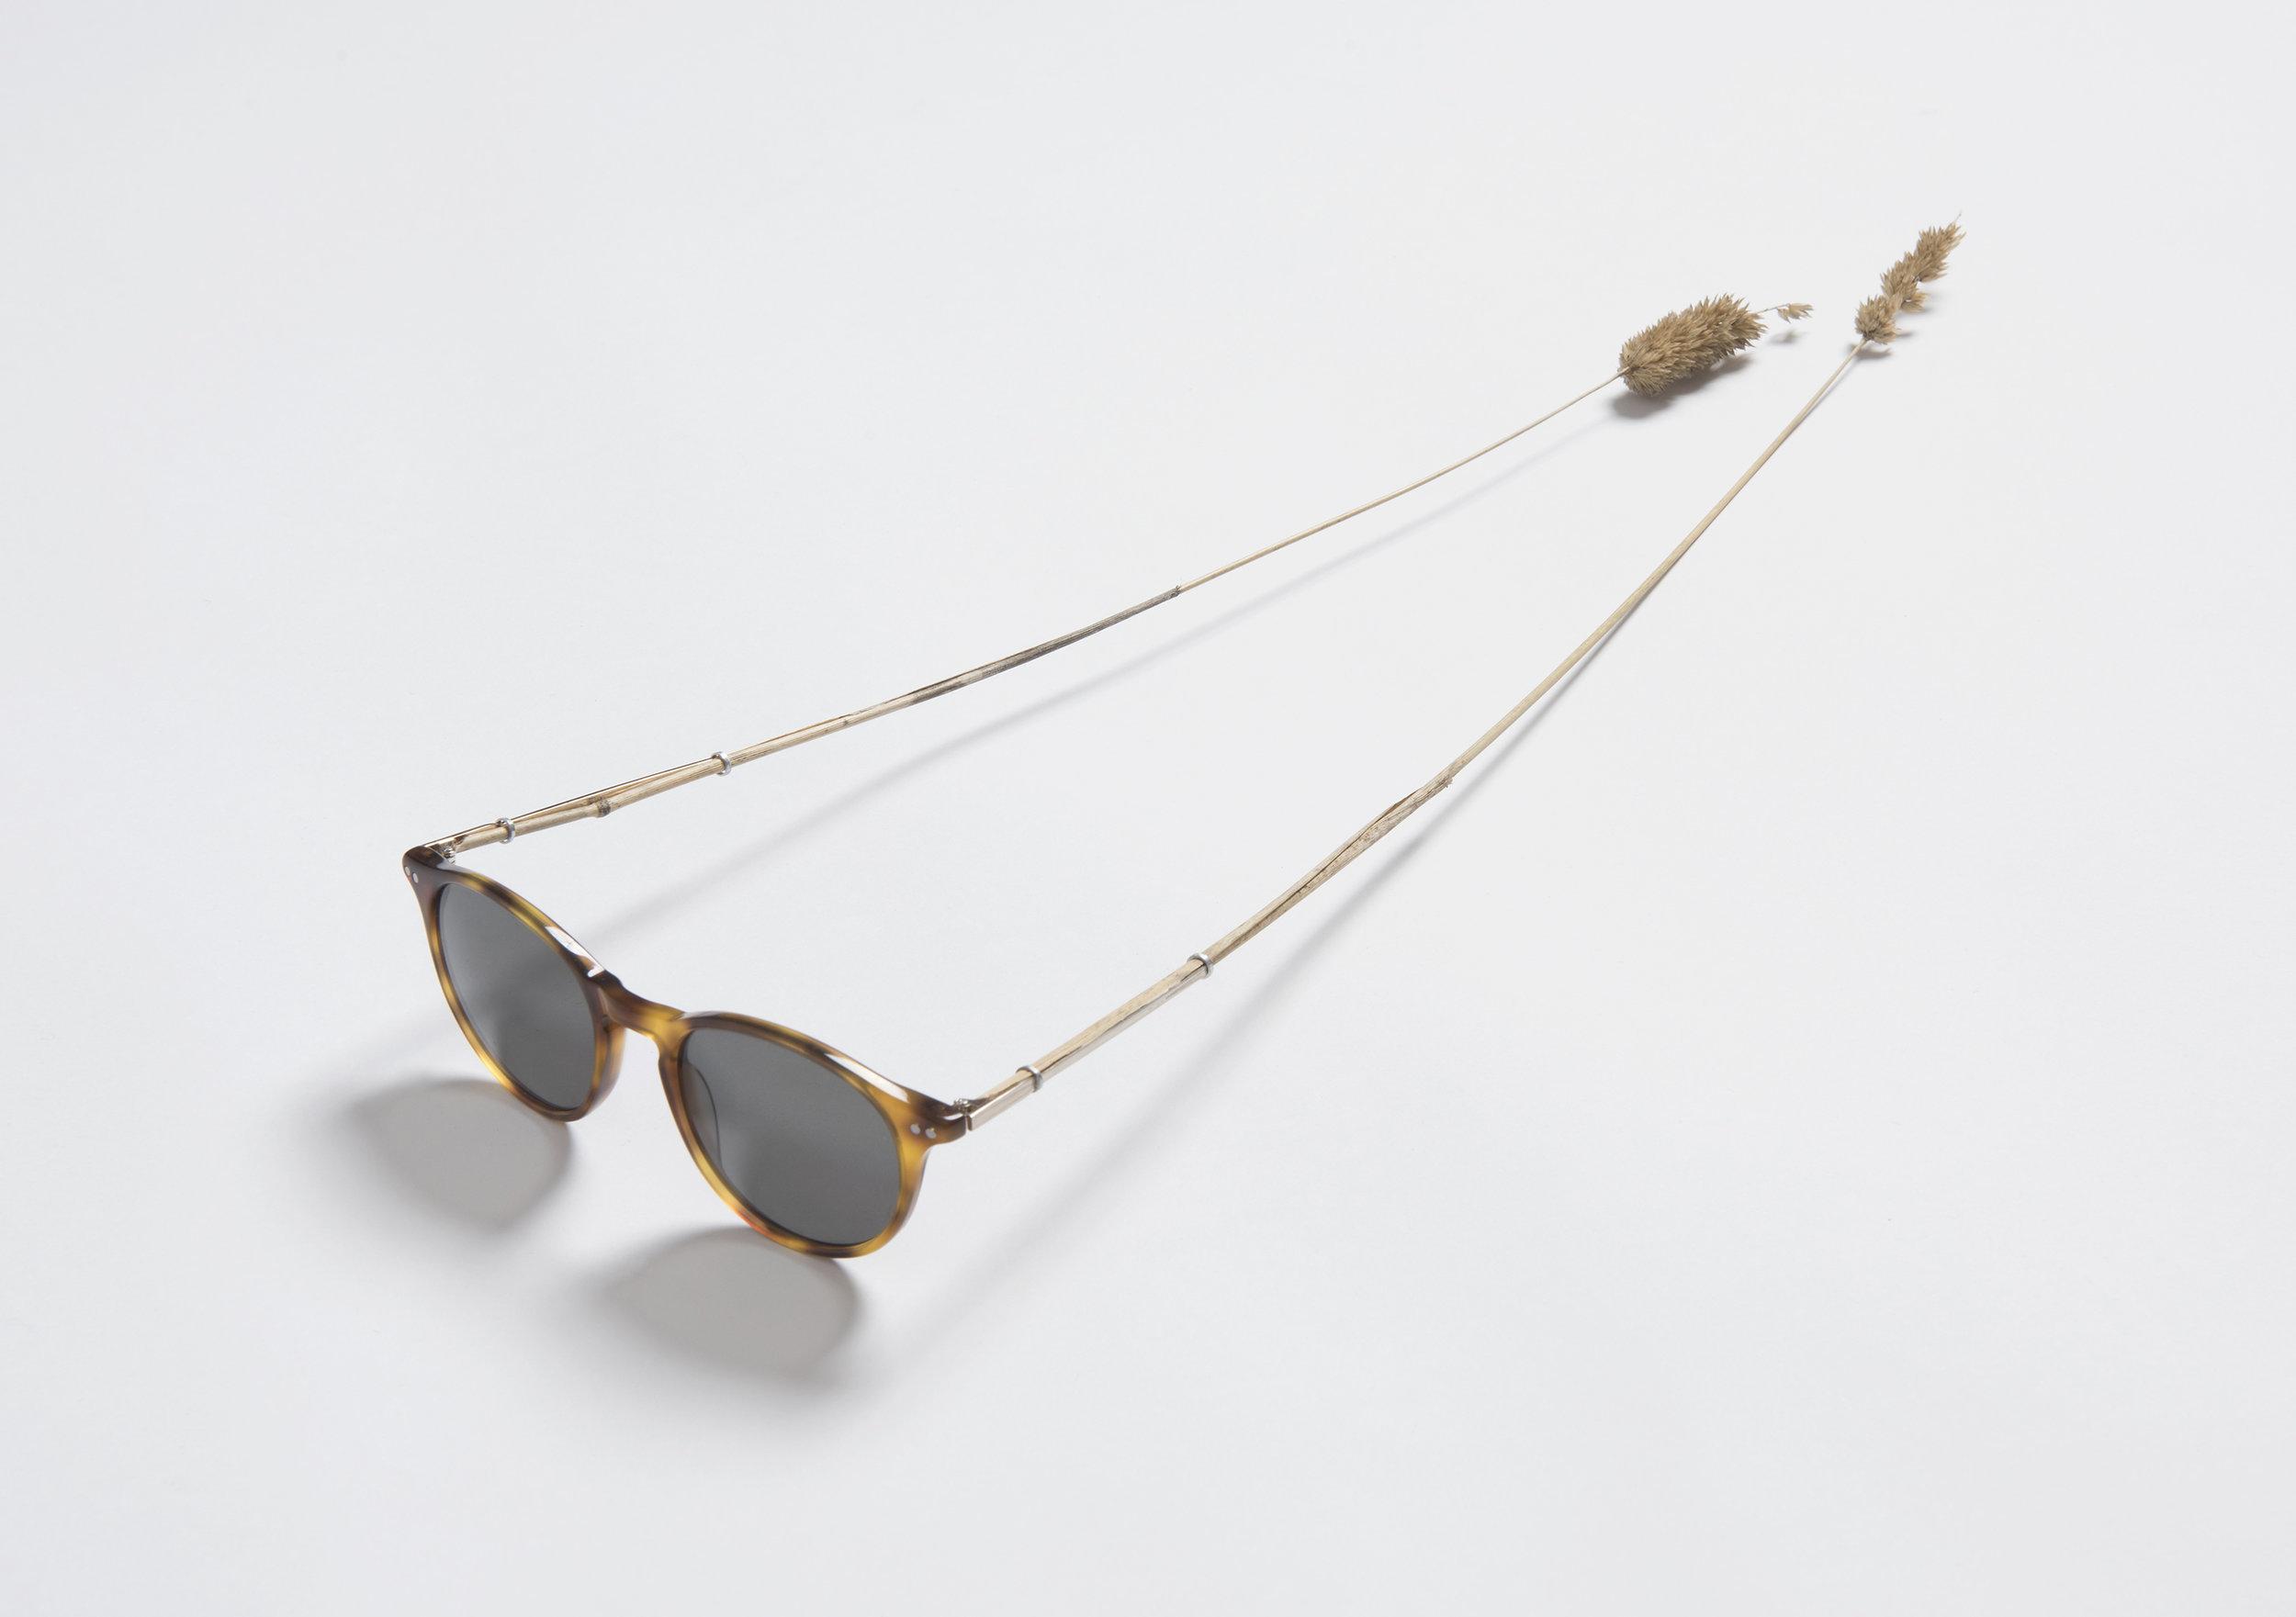 Grass glasses